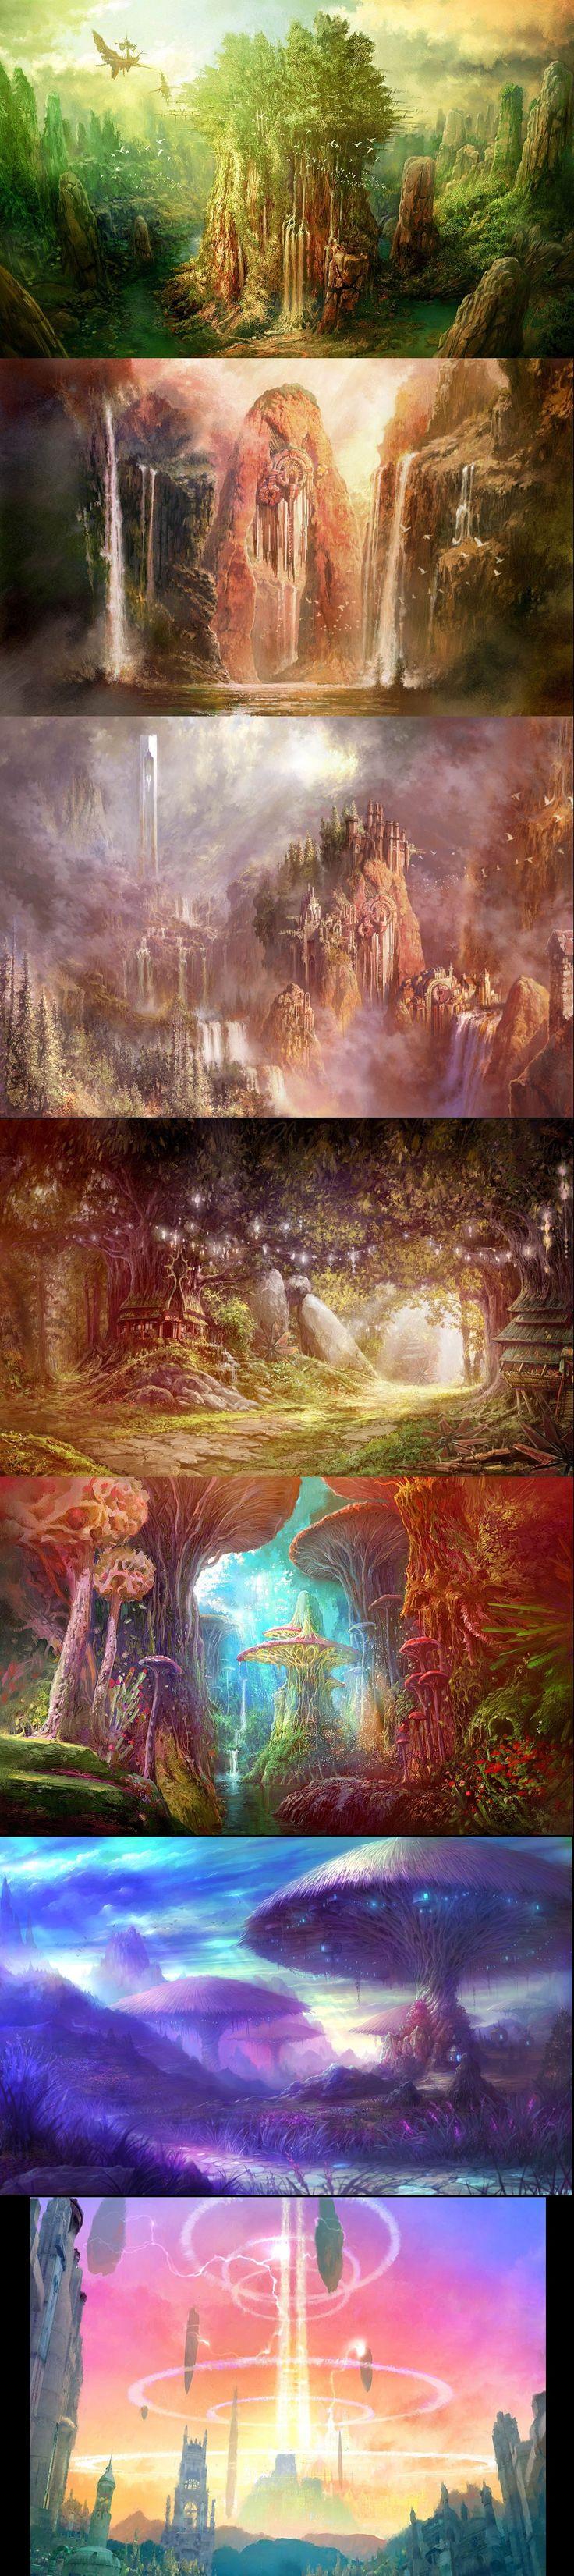 Gorgeous fantasy landscapes.